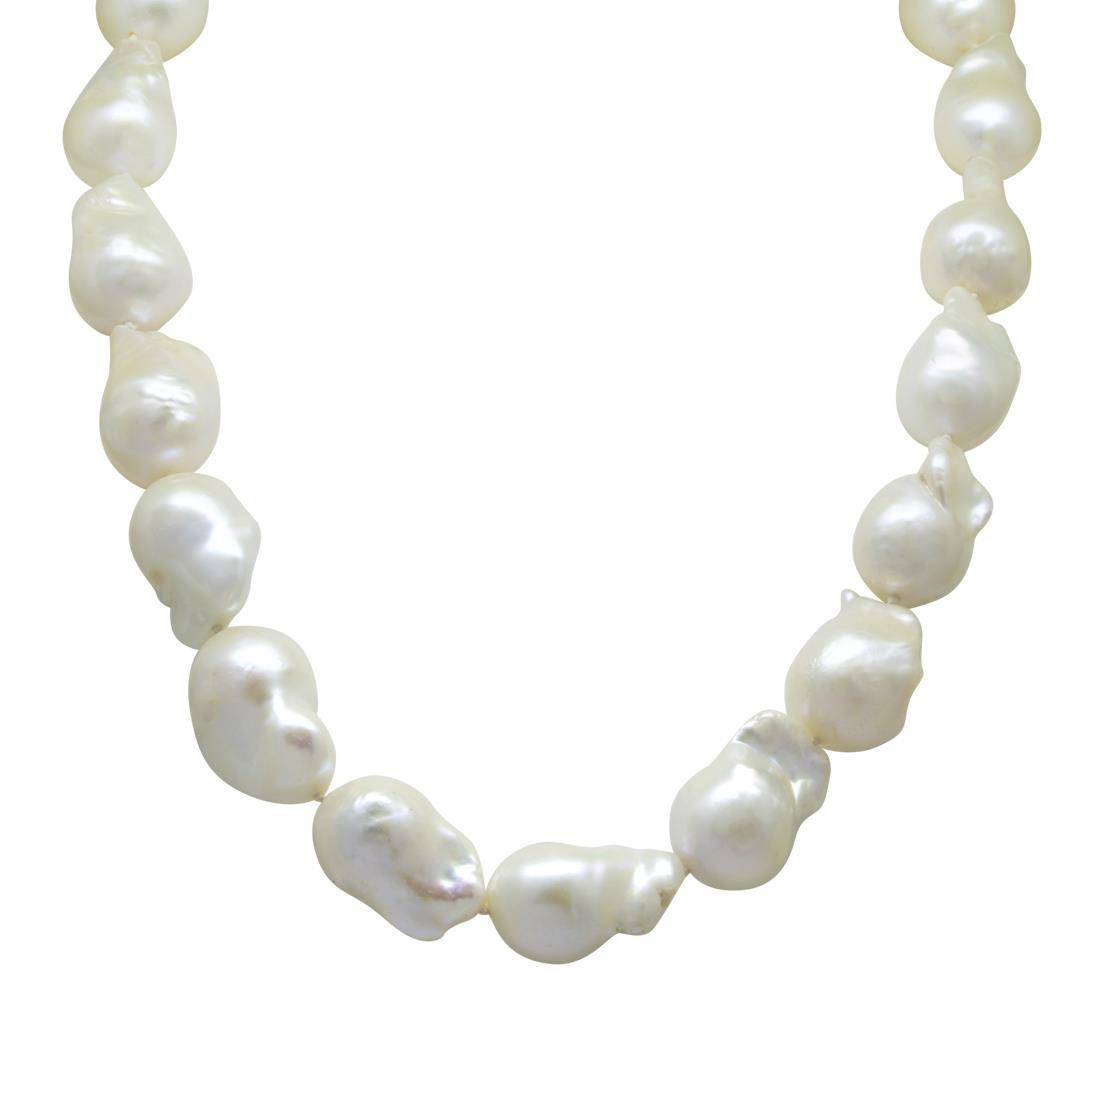 Collana con perle e pietre semipreziose, lunghezza 51cm - RIVIK